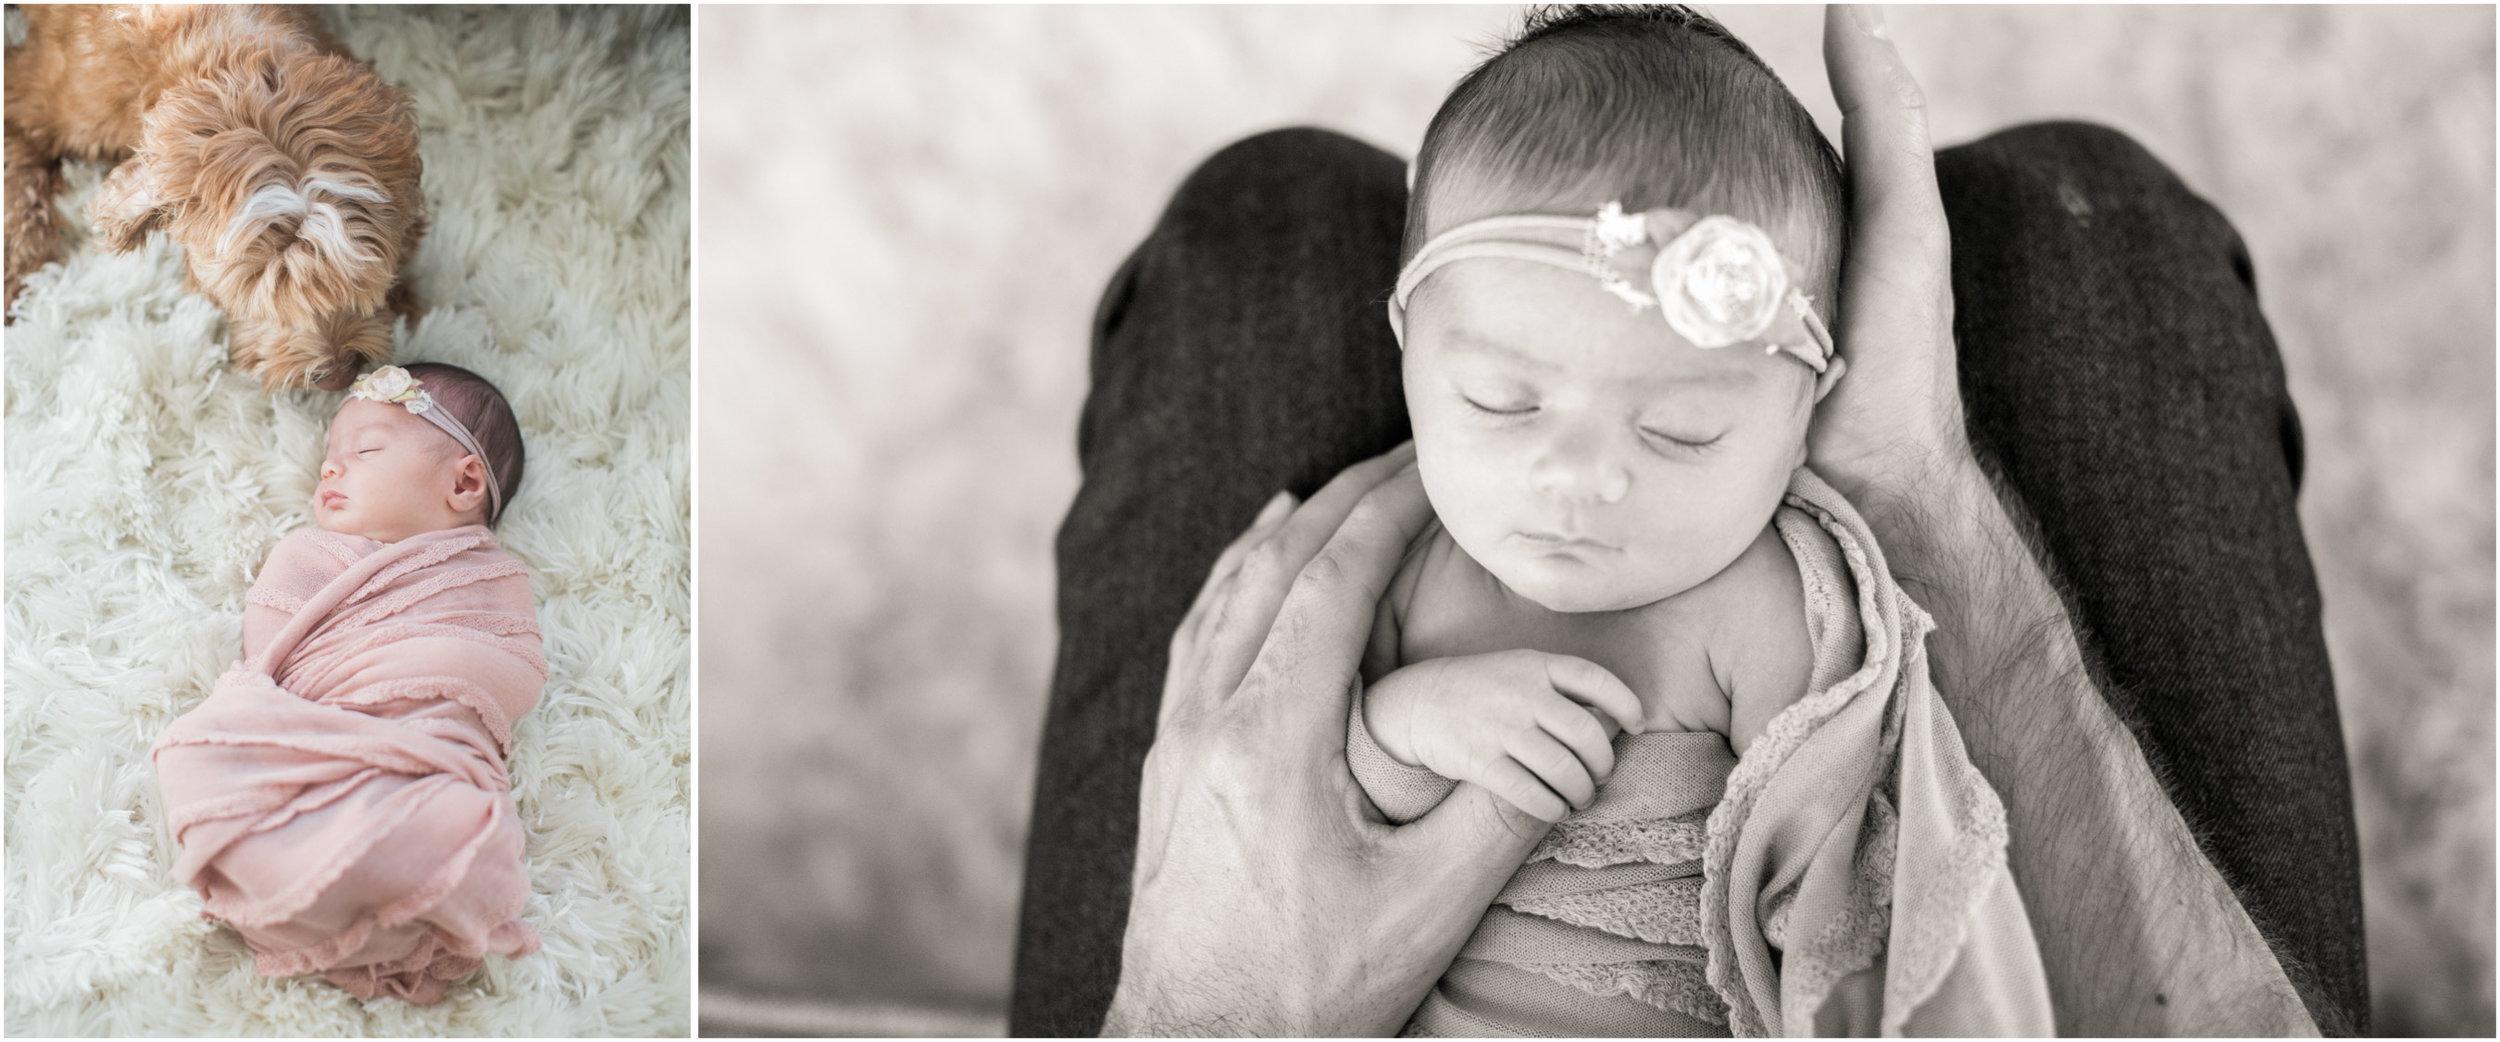 JennaBethPhotography-Sullivan-5.jpg